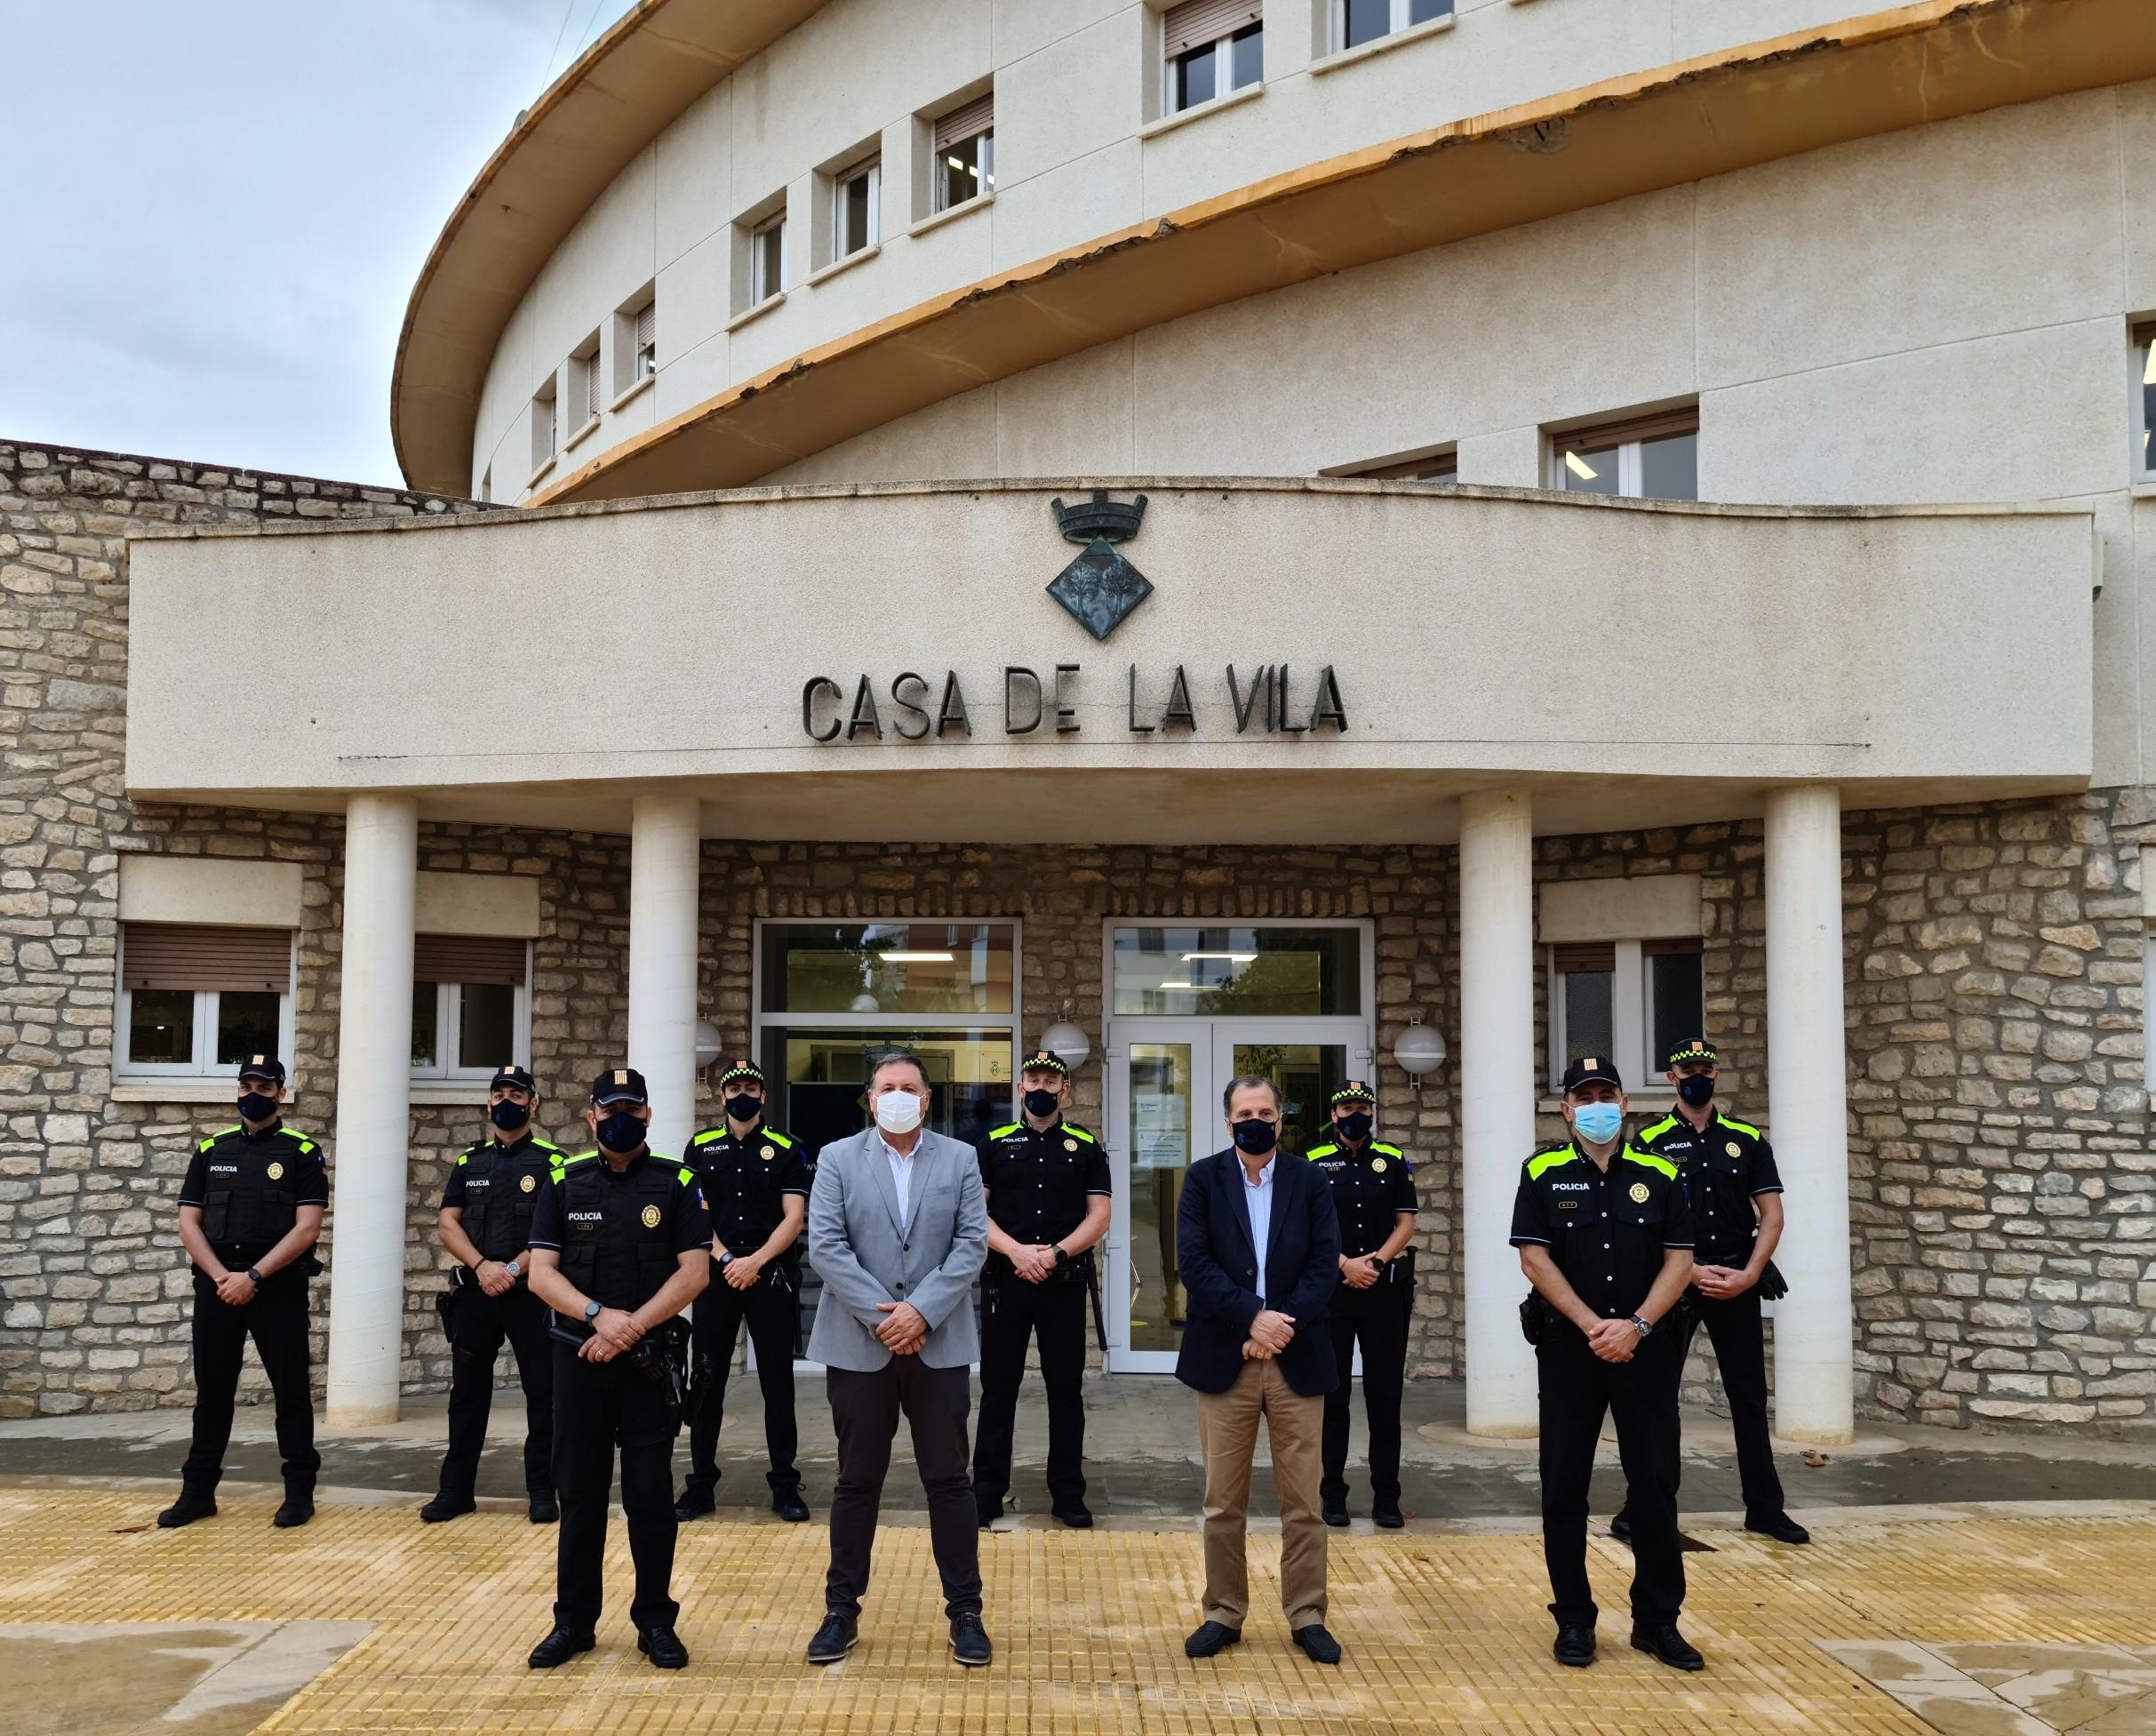 La Policia Local de Vandellòs i l'Hospitalet de l'Infant es reforça aquest estiu amb quatre agents més